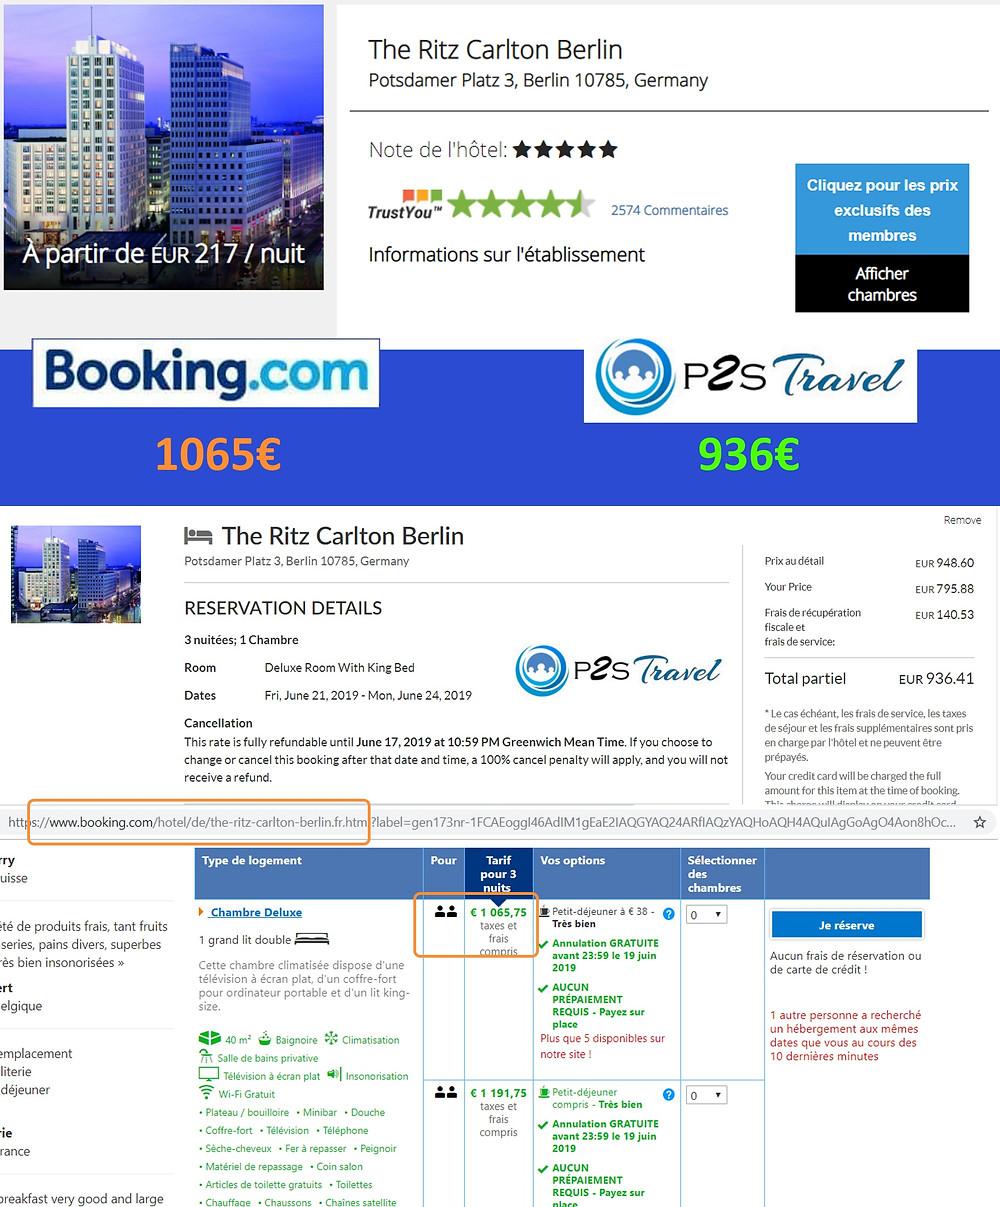 The Ritz Carlton Berlin à Berlin / Allemagne - 1 chambre 3 nuits 2 adultes Tarif sur Booking 1065€ - même chose sur P2S Travel 936€ soit 129€ d'économies en réservant sur le site réservation P2S Travel